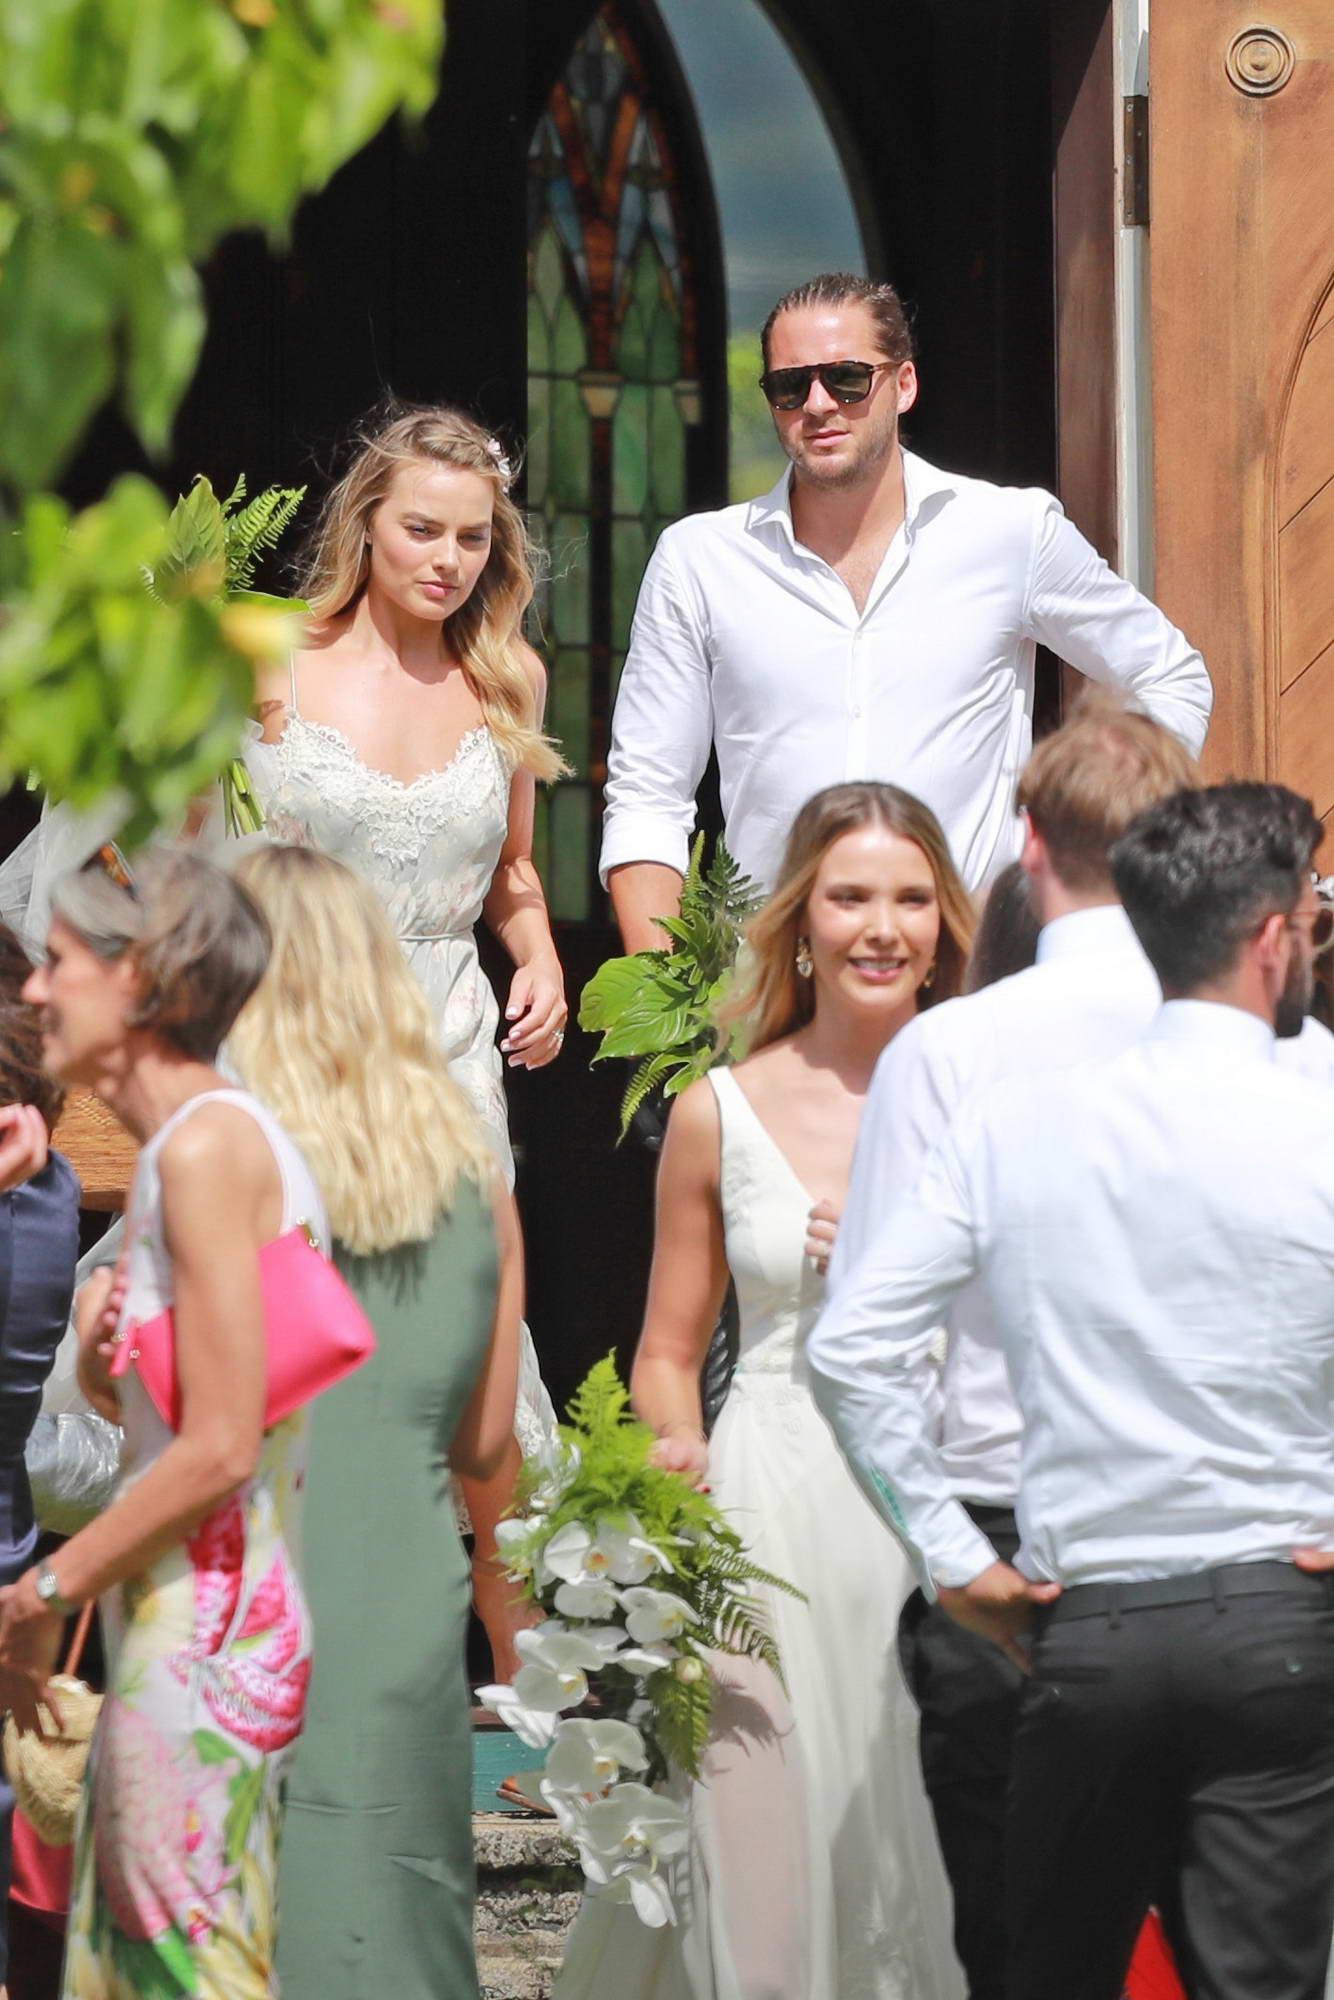 Margot Robbie Wedding.Margot Robbie At Her Friends Wedding In Kaui Hawaii 100517 9